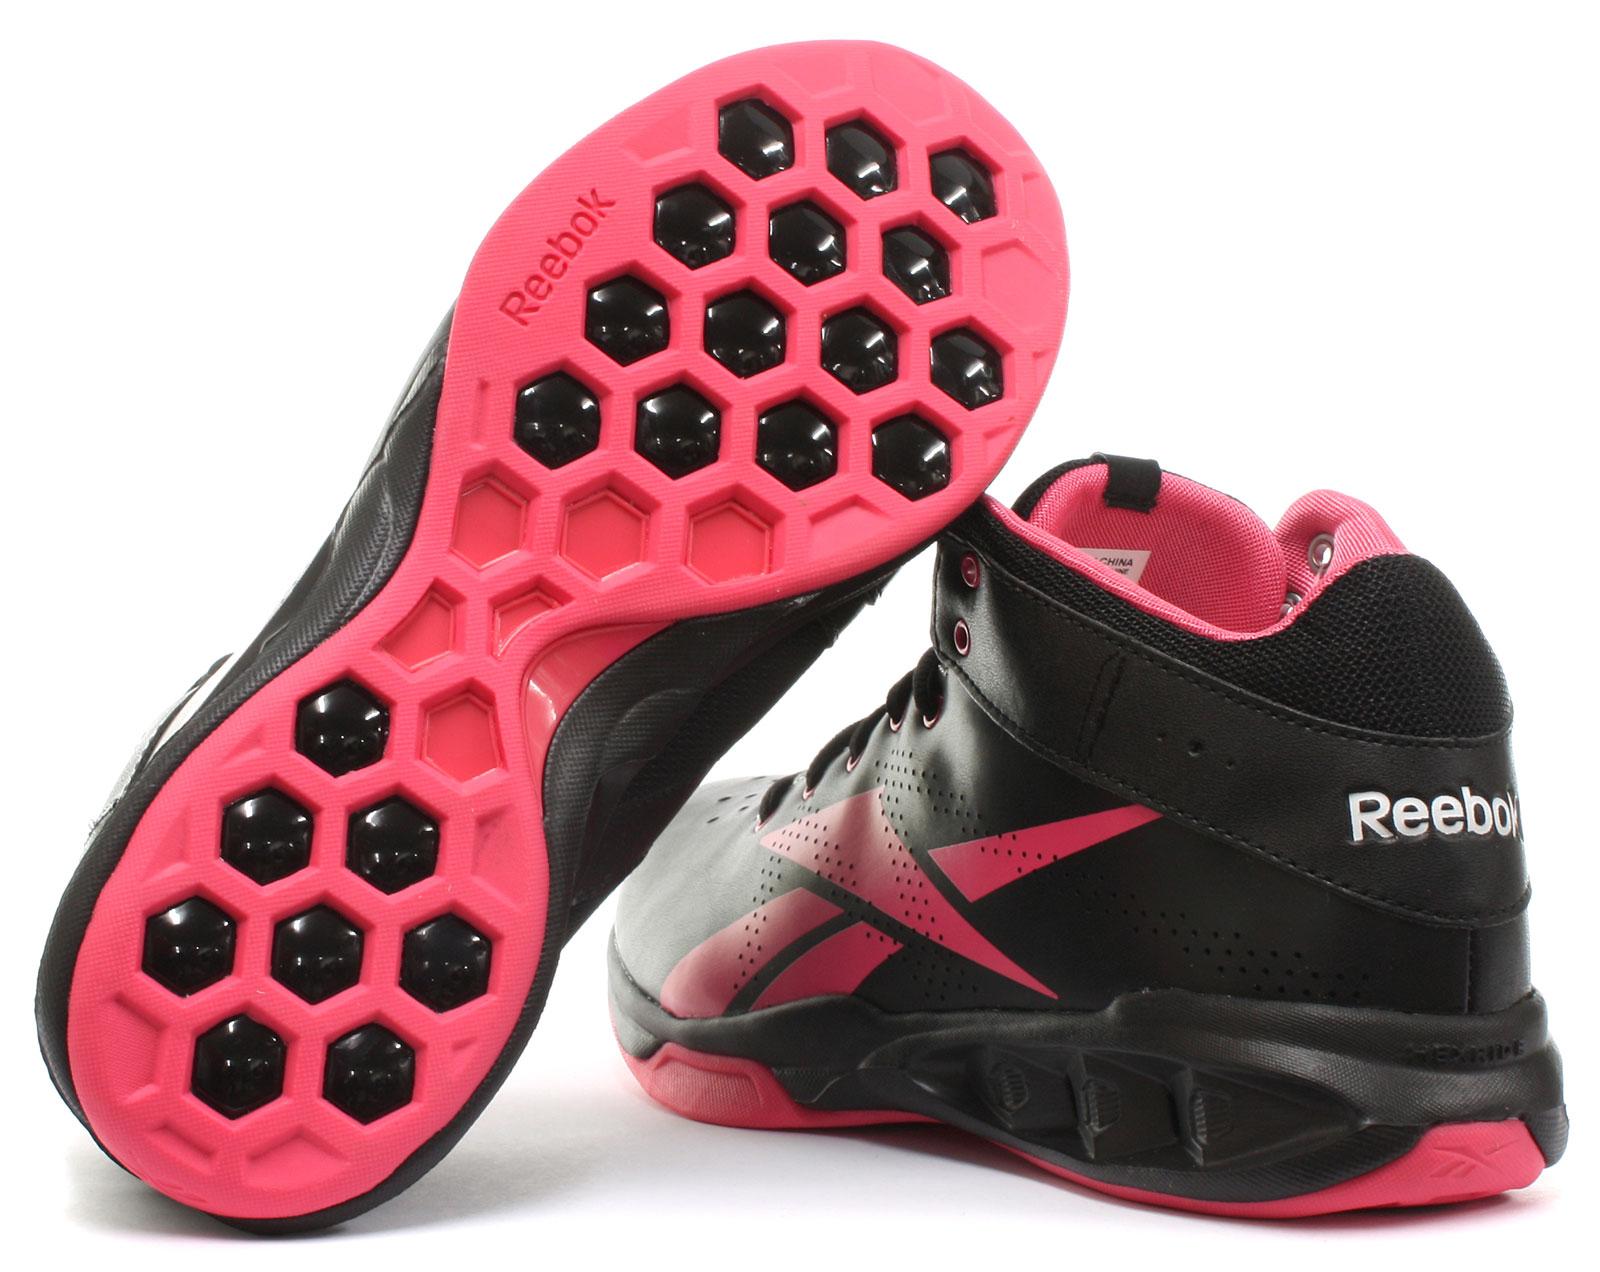 3bb2f97cbd7 Reebok Ladies Black Hexride Intensity Mid Trainer BOOTS Size EU 35.5 ...